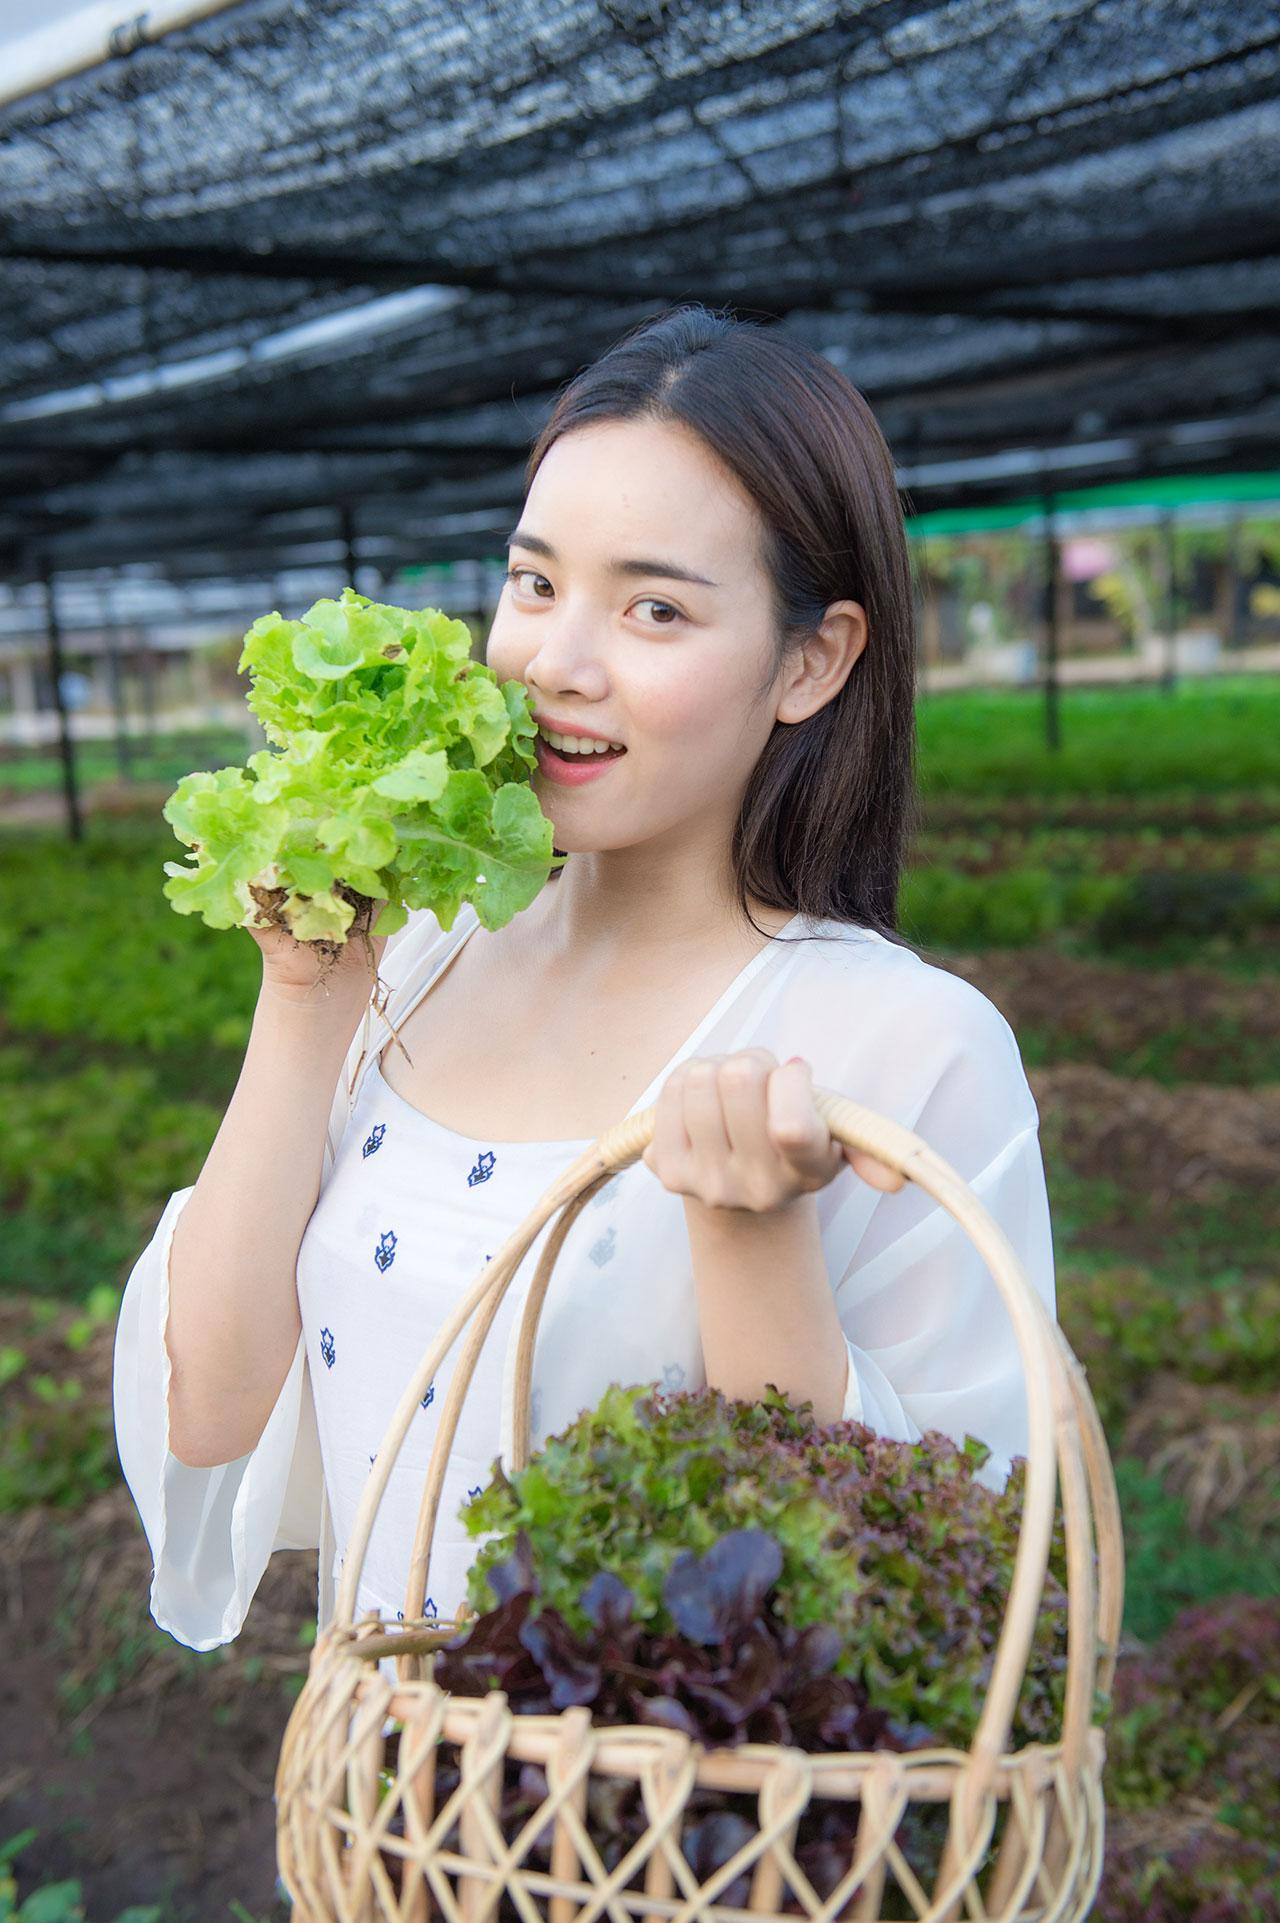 กินผักกัน